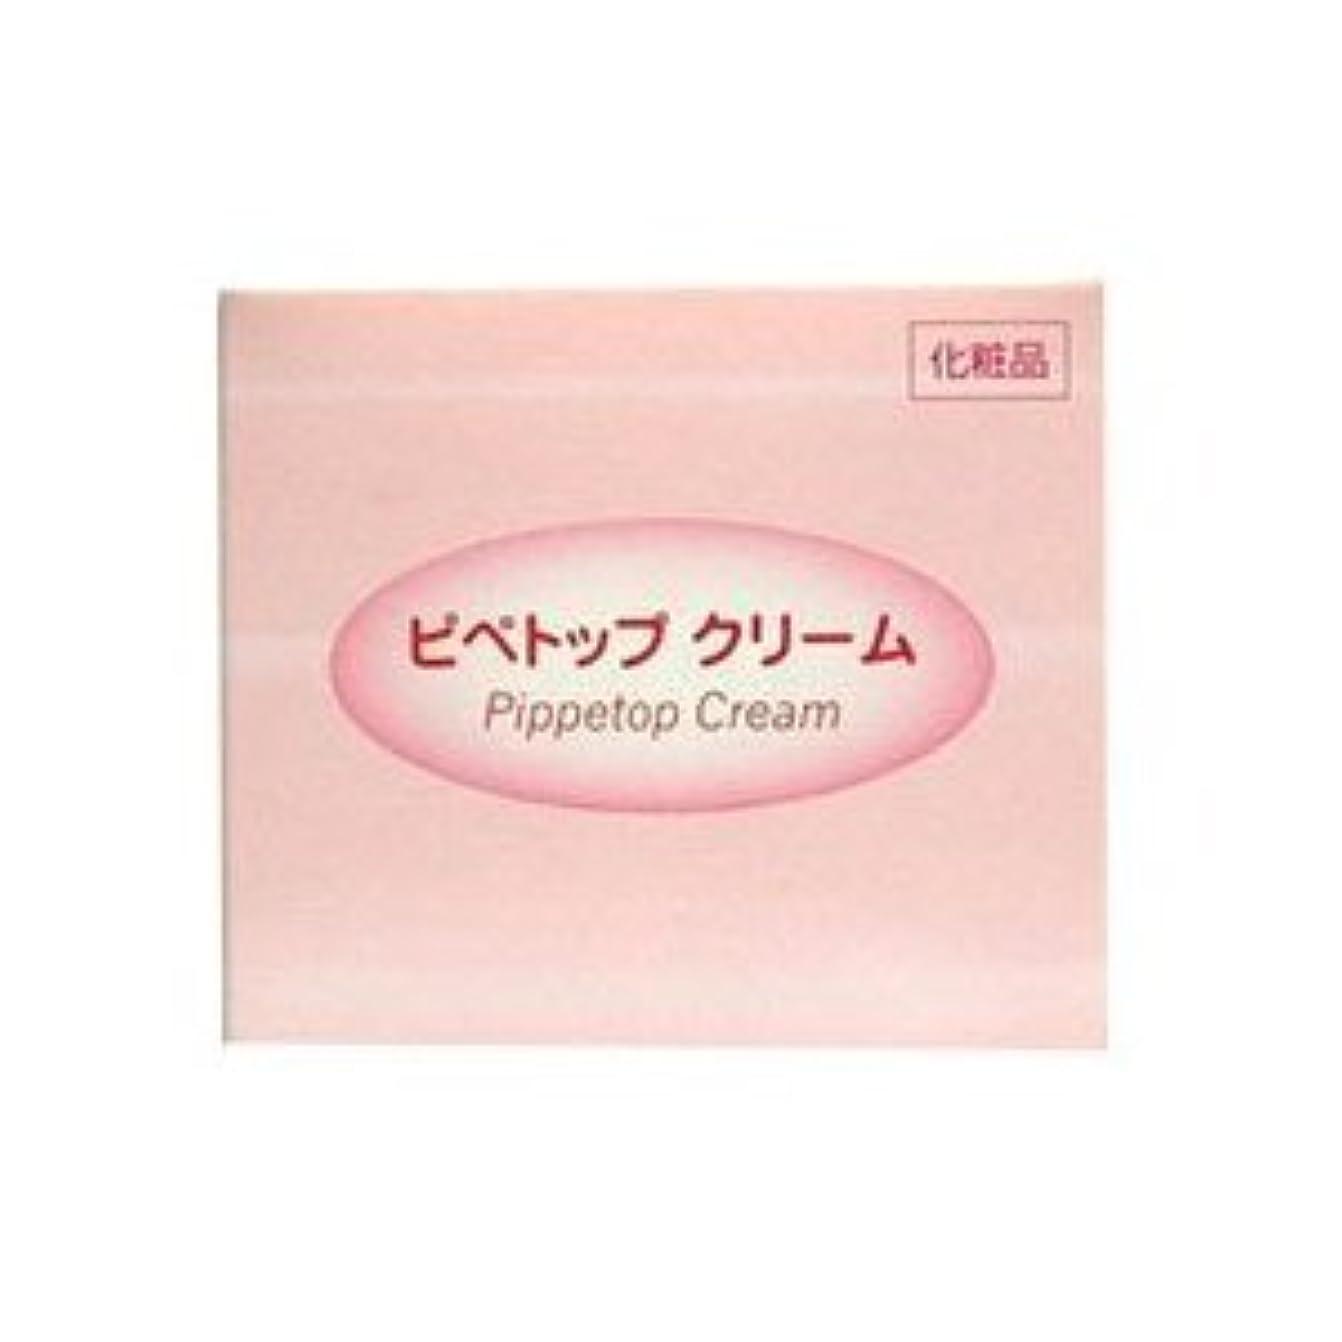 マチュピチュぬいぐるみ乳白色〔原沢製薬〕ピペトップクリーム 43g ×3個セット